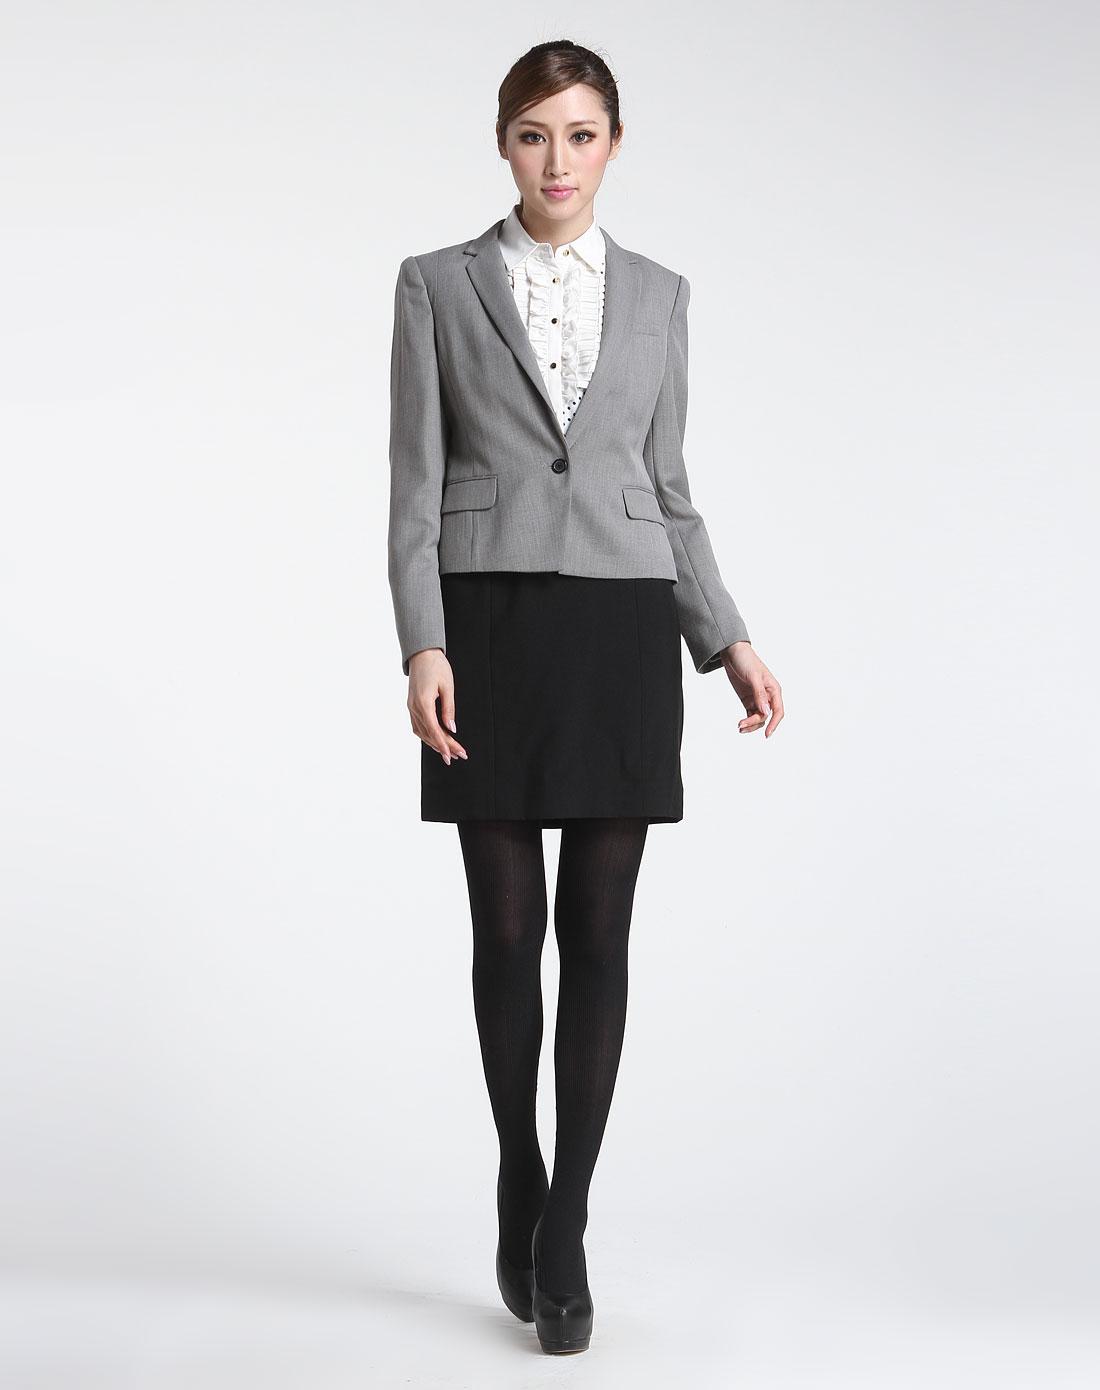 女西装外套_女西装外套G2000哪个牌子好 款式好的